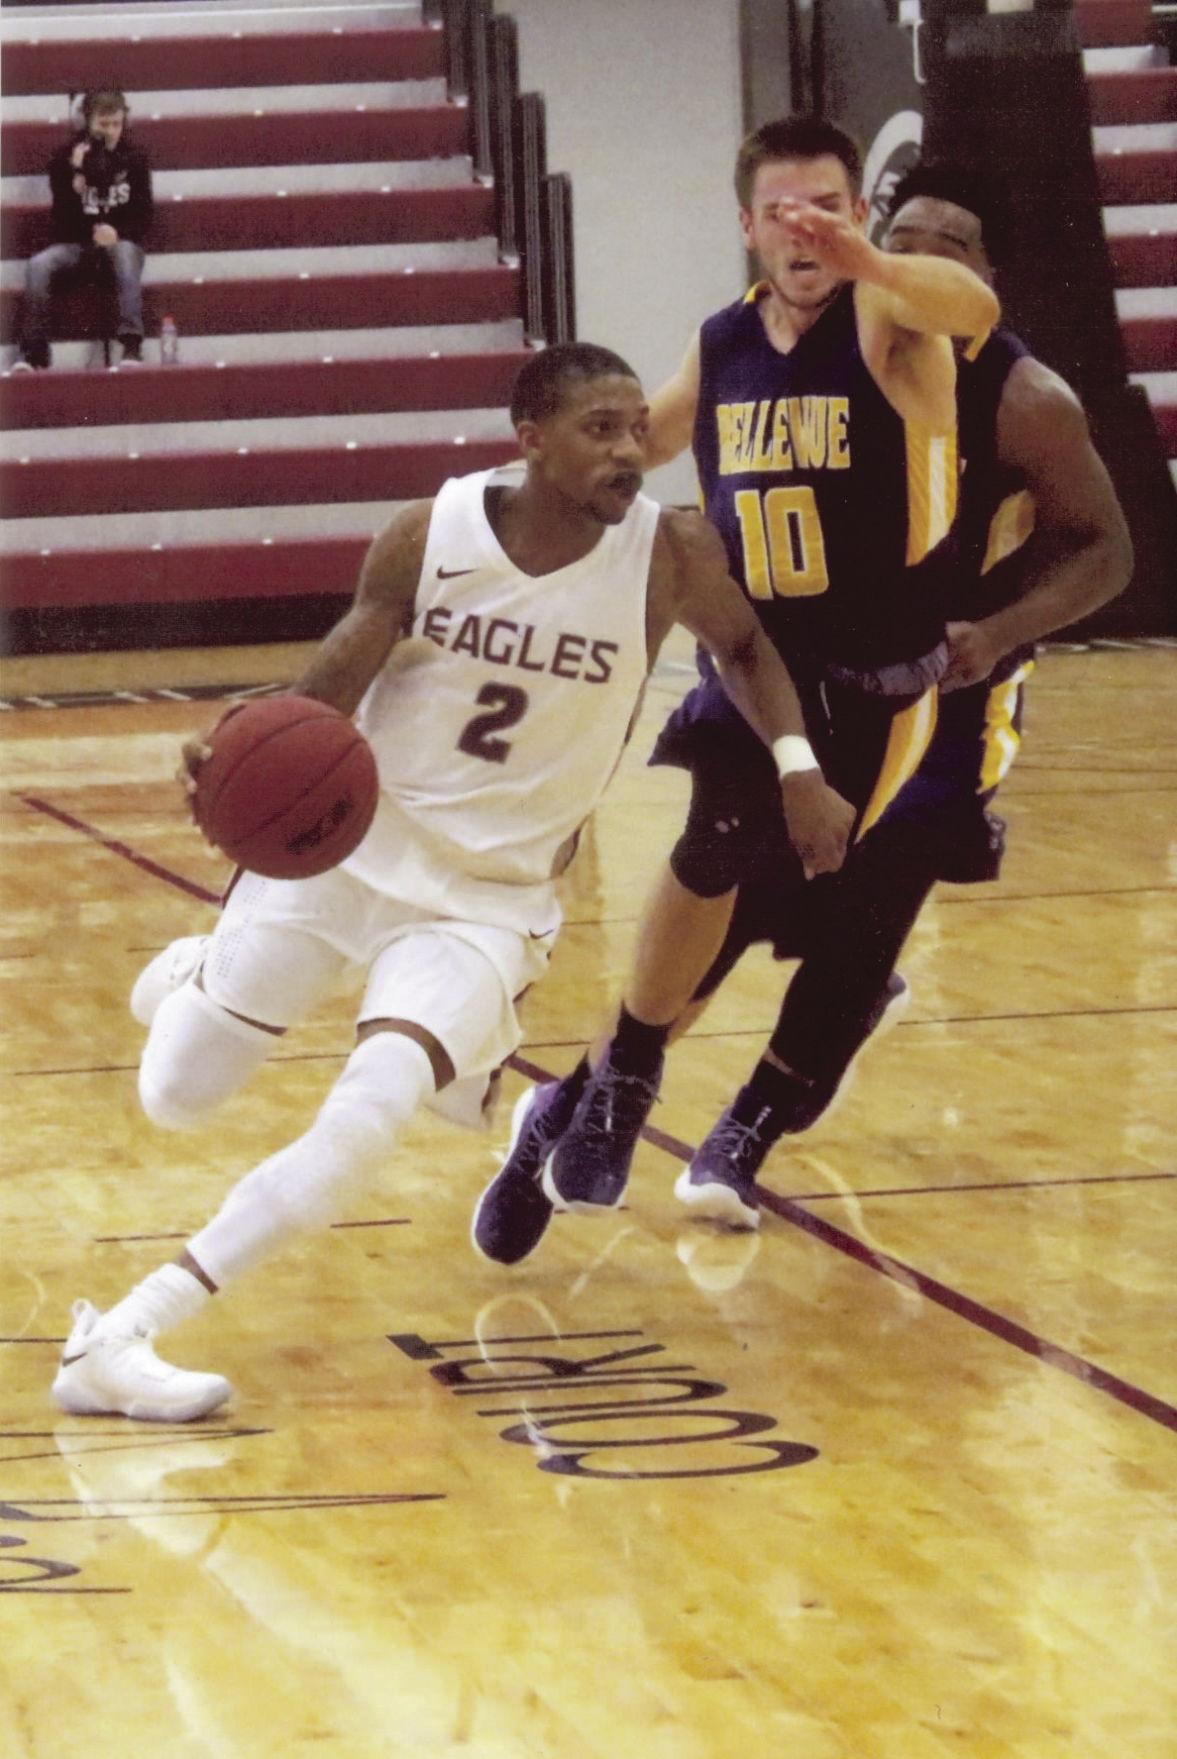 Jaisean Jackson